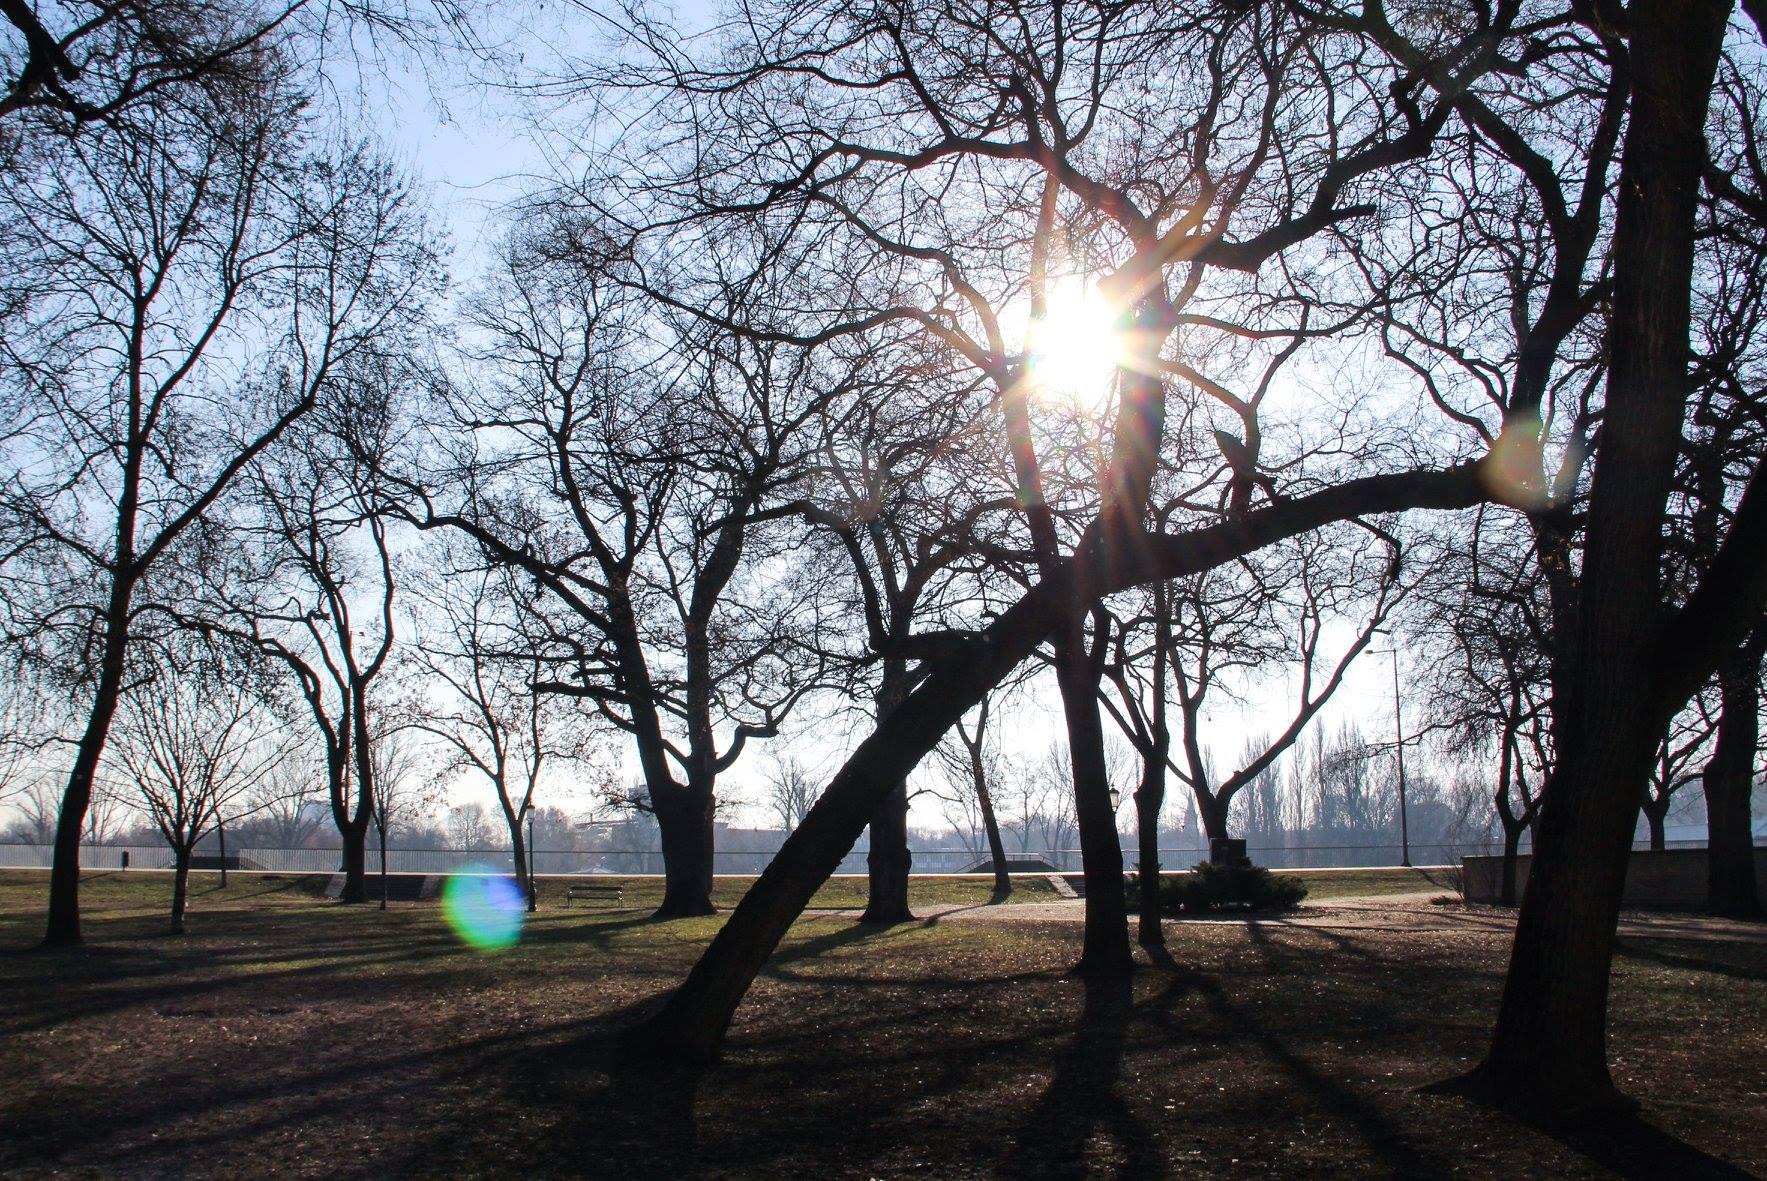 napsütés időjárás február nap napos stefánia fák park